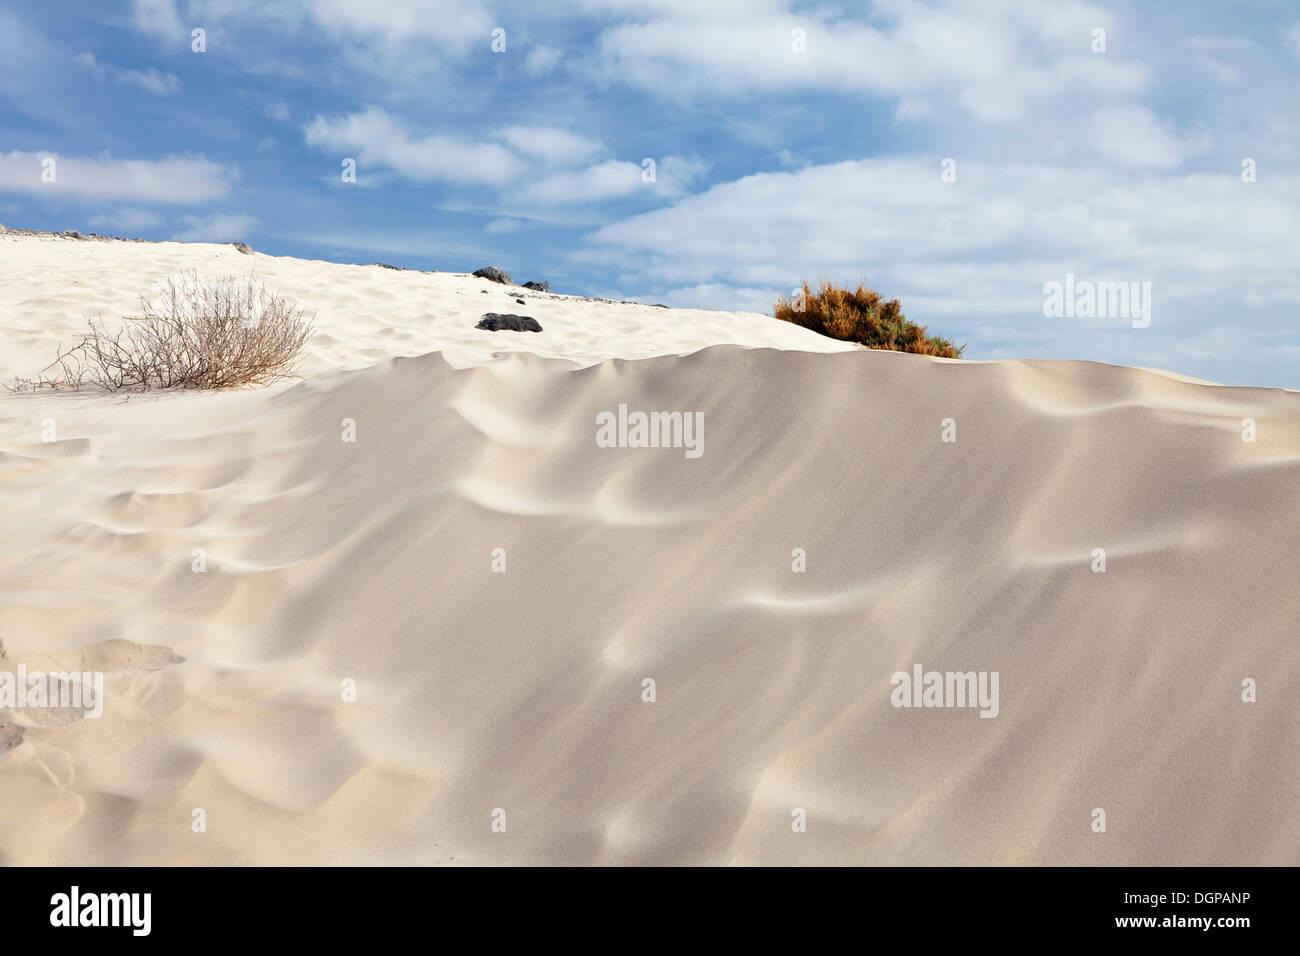 Las dunas de arena, paisajes de dunas, el Risco del Paso, Fuerteventura, Islas Canarias, España Imagen De Stock